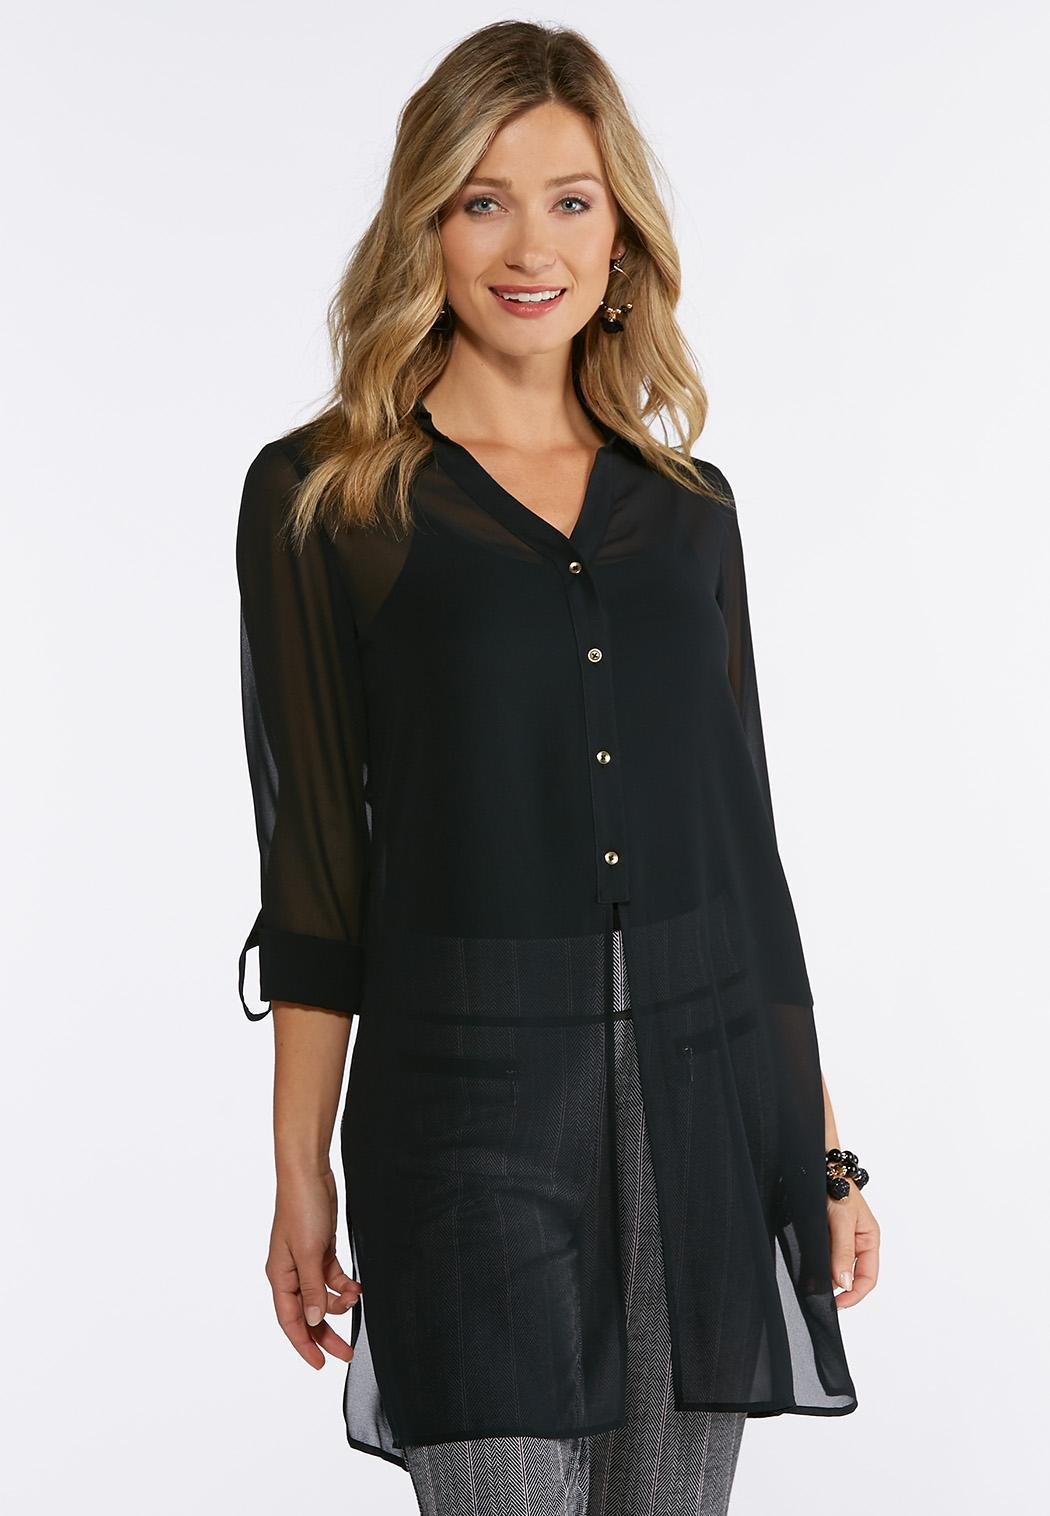 Plus Size Black Sheer Split Tunic Shirts Blouses Cato Fashions